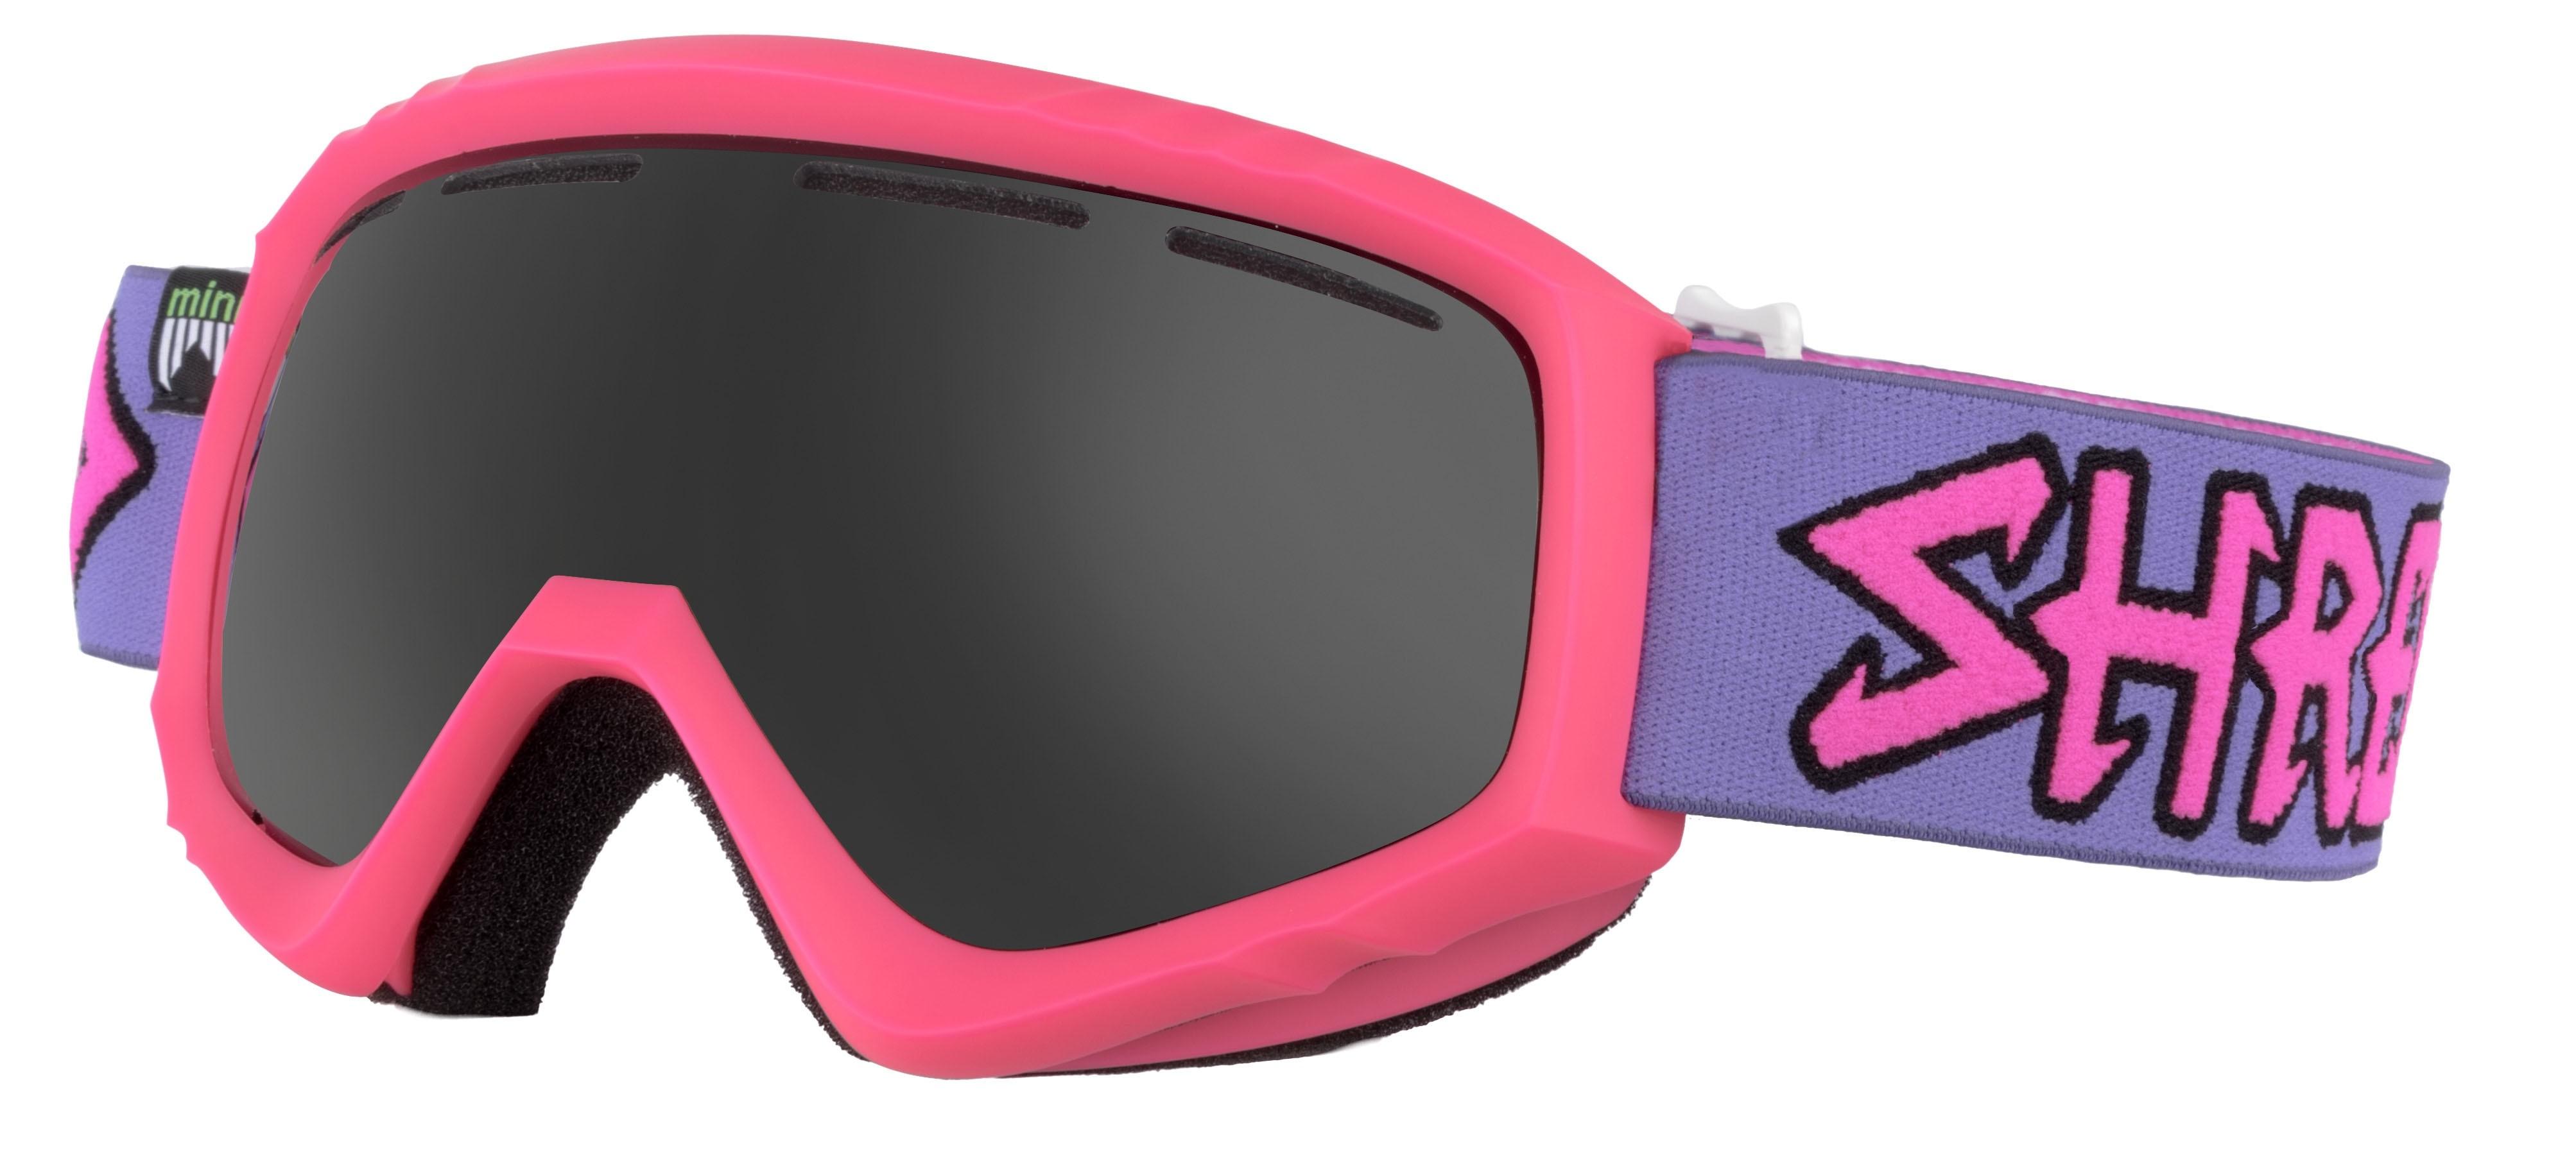 shred mini air pink